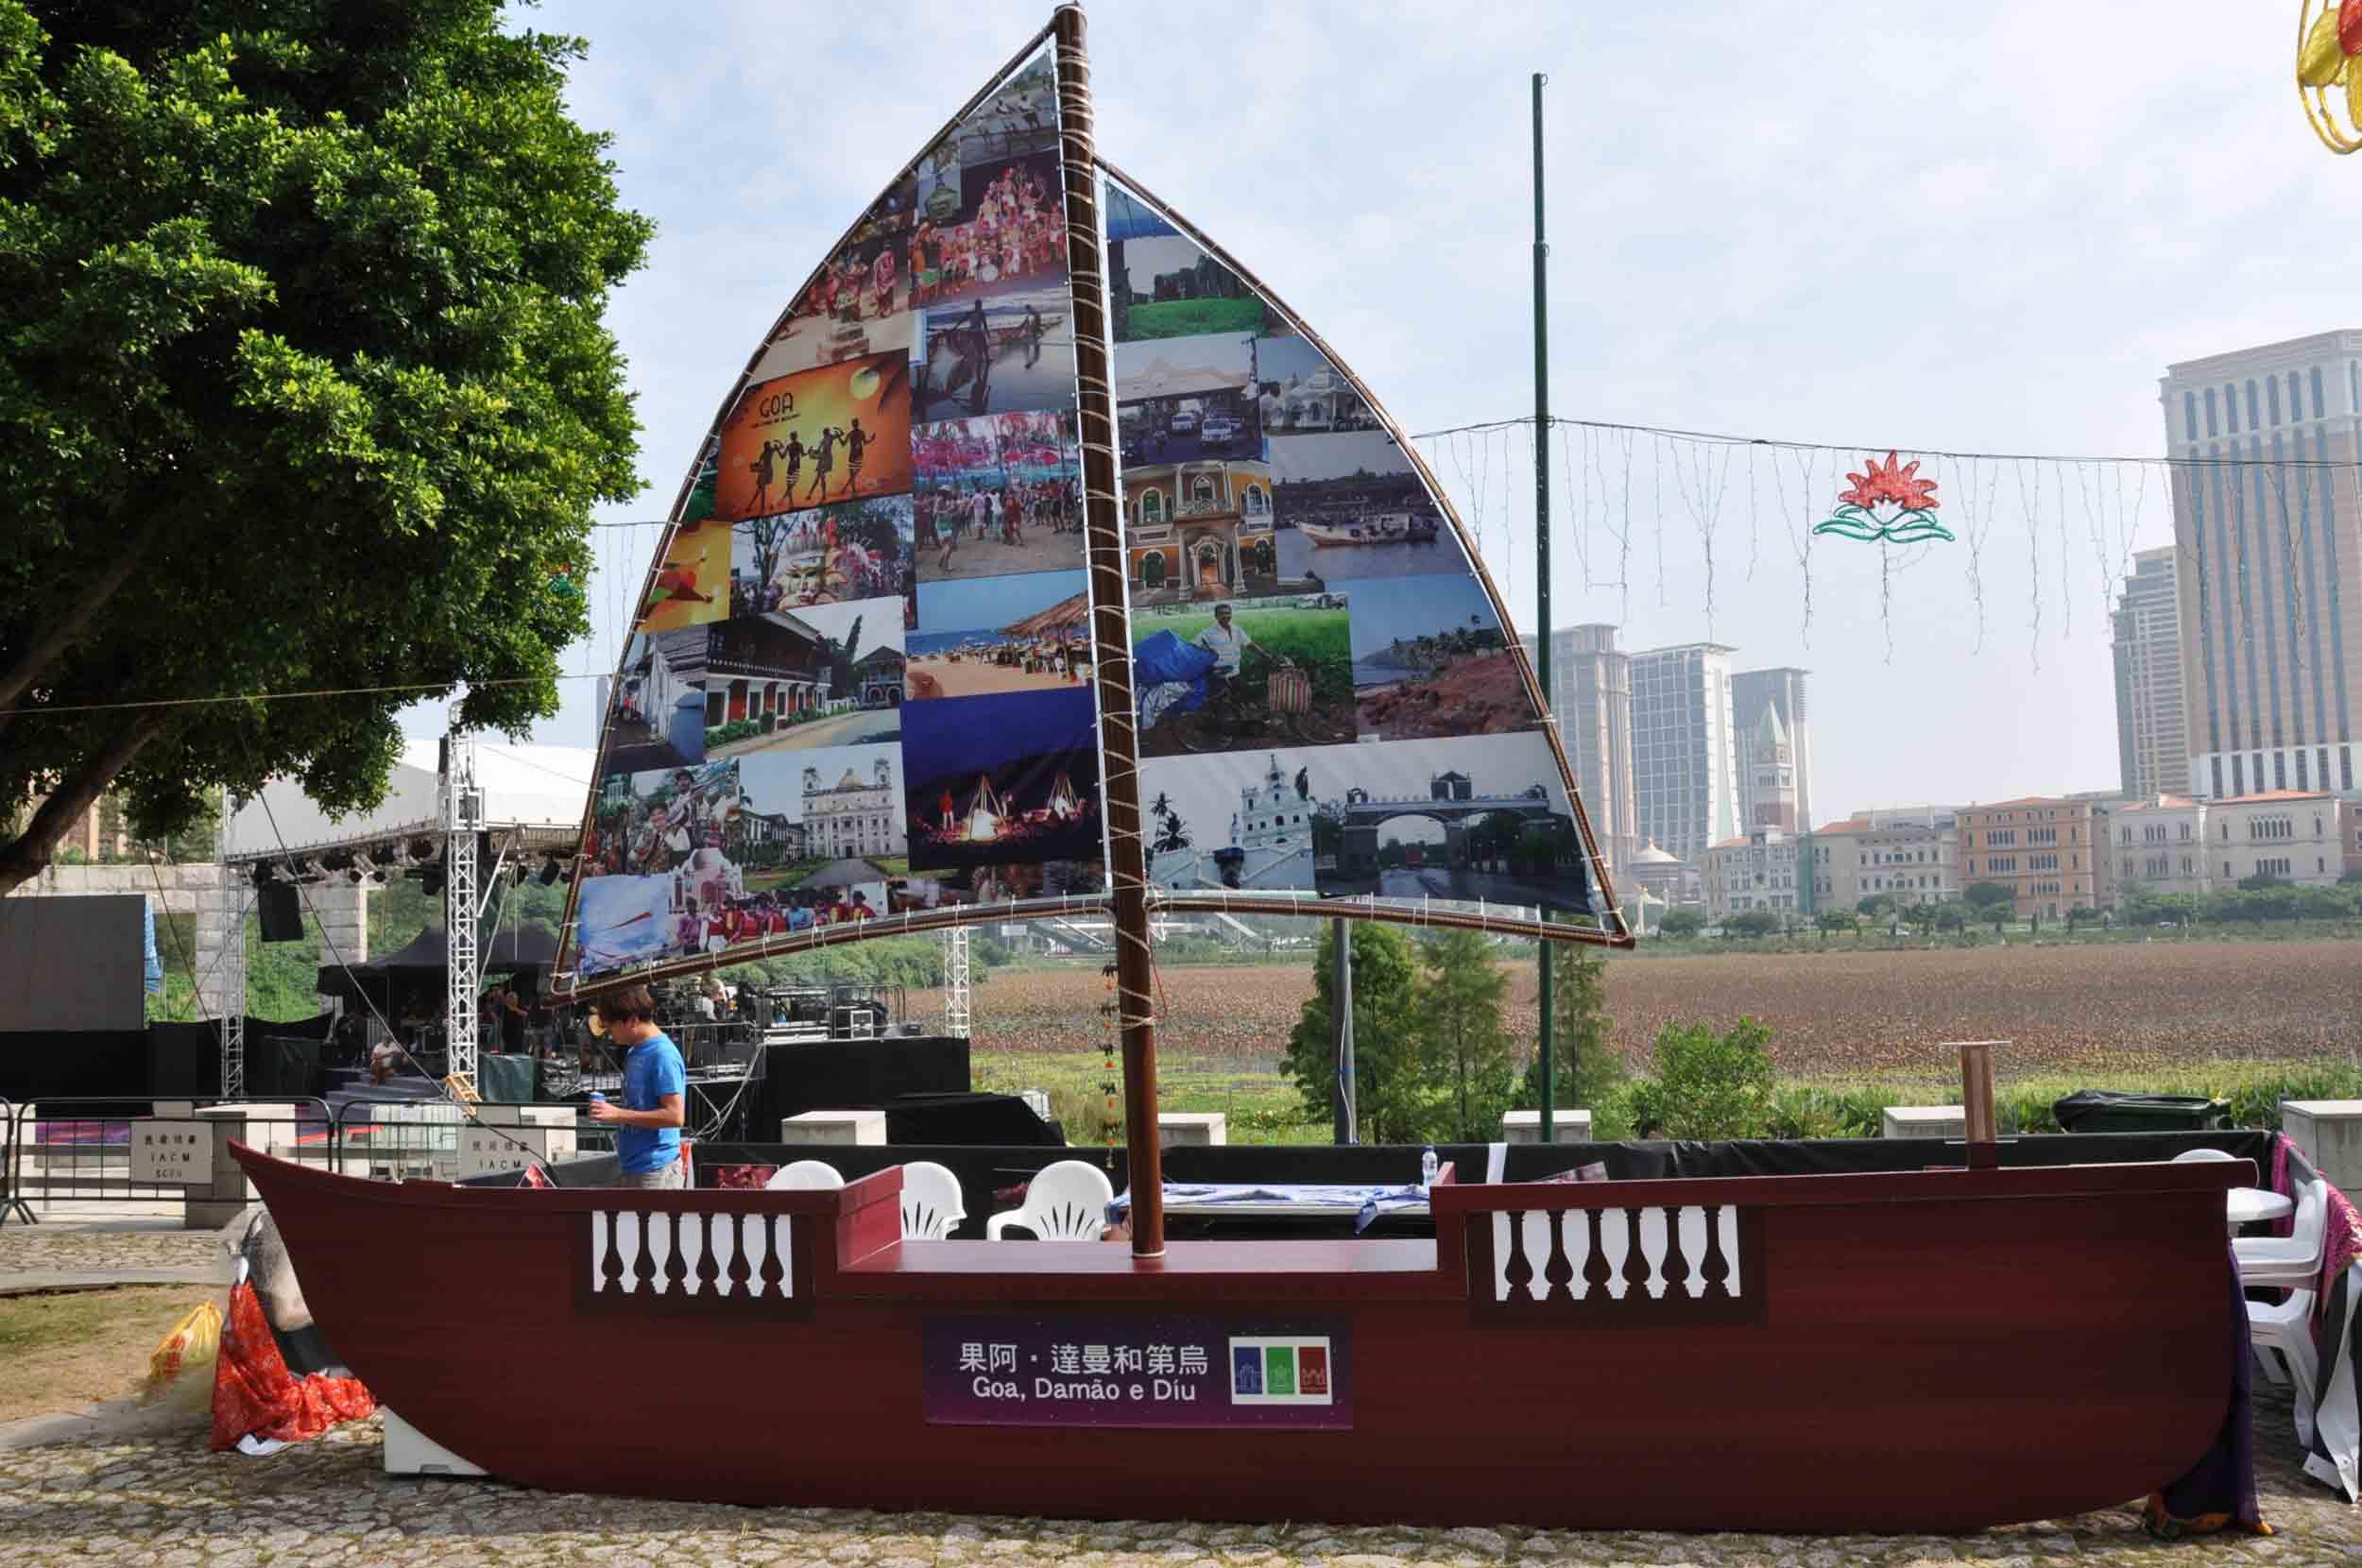 Lusofonia Festival Goa, Damao e Diu Booth